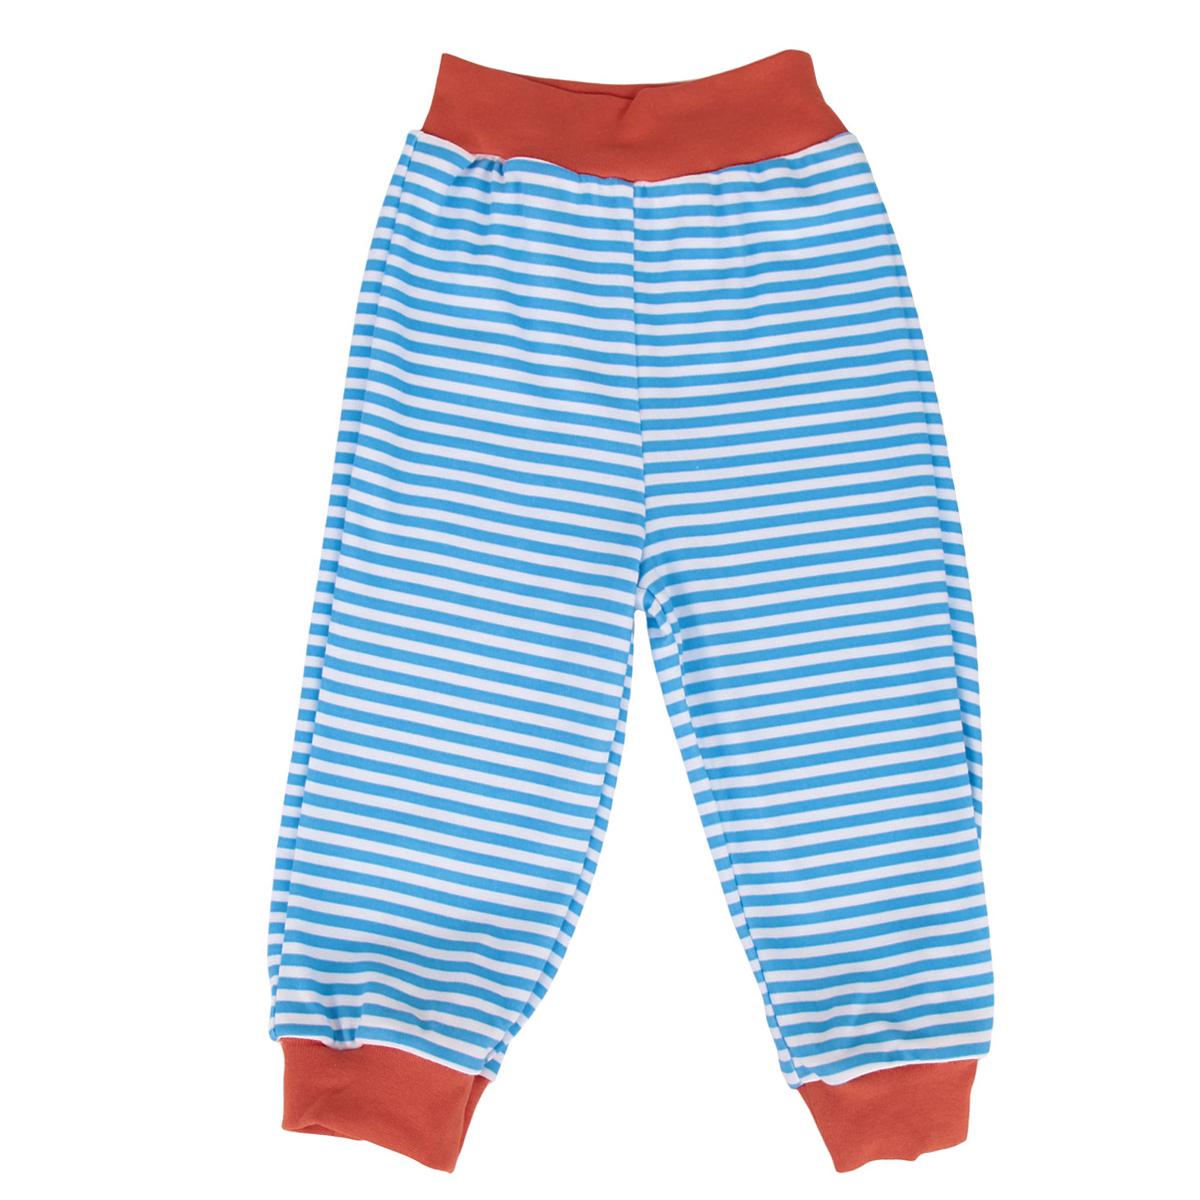 Штанишки на широком поясе для мальчика. 35613561Удобные штанишки для мальчика КотМарКот на широком поясе послужат идеальным дополнением к гардеробу вашего малыша. Штанишки, изготовленные натурального хлопка, они необычайно мягкие и легкие, хорошо вентилируются, совершенно не сковывают движений и не раздражают нежную кожу ребенка. Штанишки, благодаря широкому эластичному поясу, не сдавливают животик ребенка и не сползают, обеспечивая ему наибольший комфорт. Они идеально подходят для ношения с подгузником и без него. Модель оформлена принтом в полоску. Низ штанин дополнен эластичными манжетами. Штанишки очень удобный и практичный вид одежды для малышей, которые уже немного подросли. Отлично сочетаются с футболками, кофточками и боди. В таких штанишках вашему малышу будет уютно и комфортно!